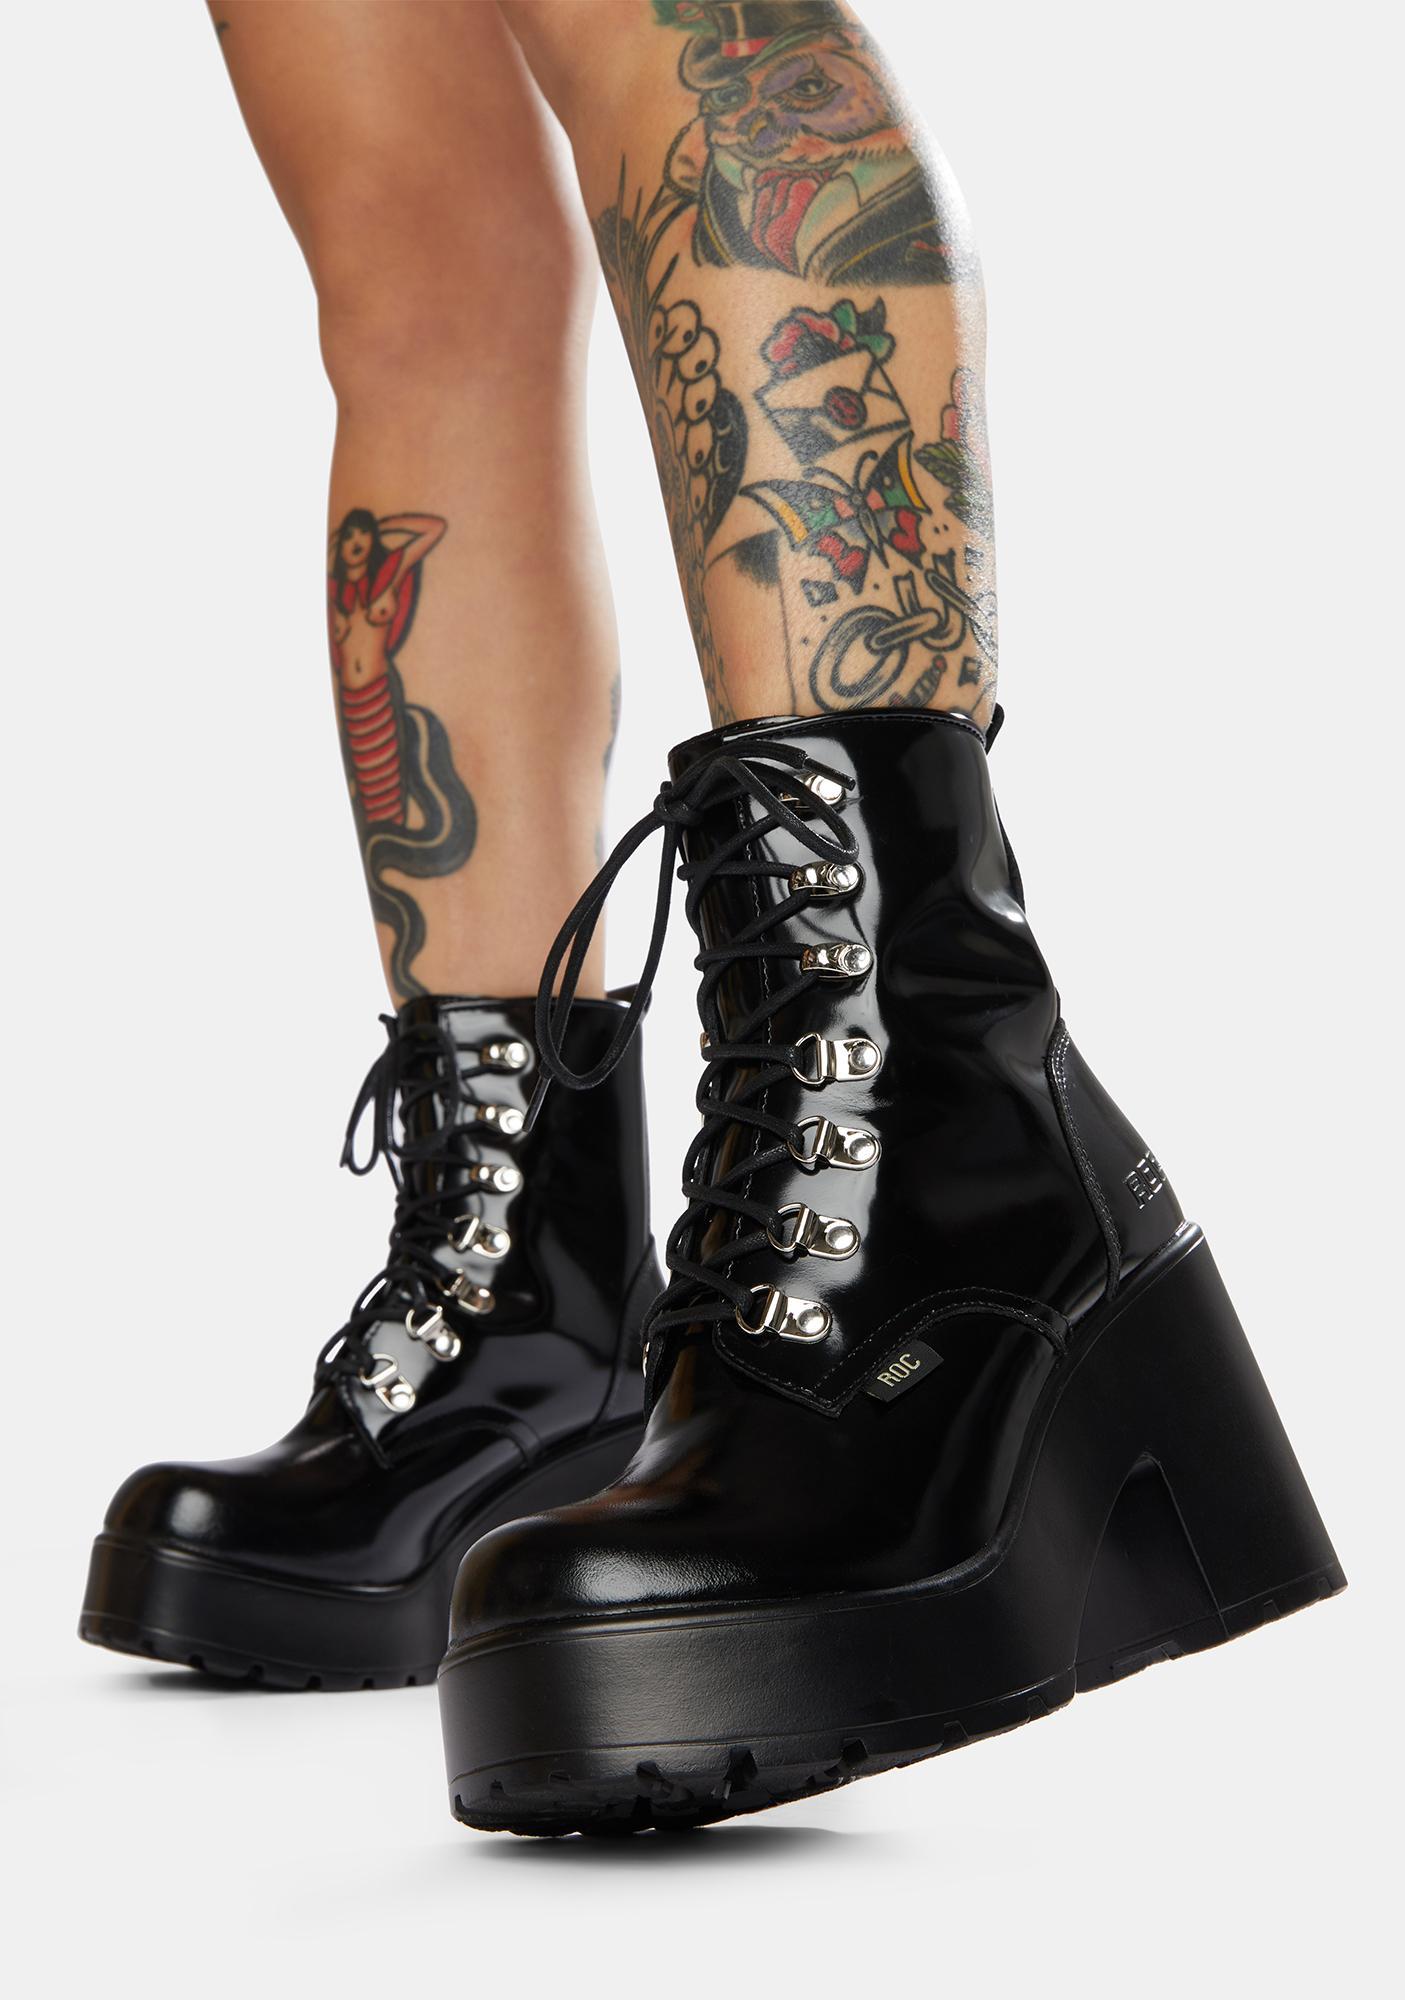 ROC Boots Australia Mission Patent Leather Combat Boots